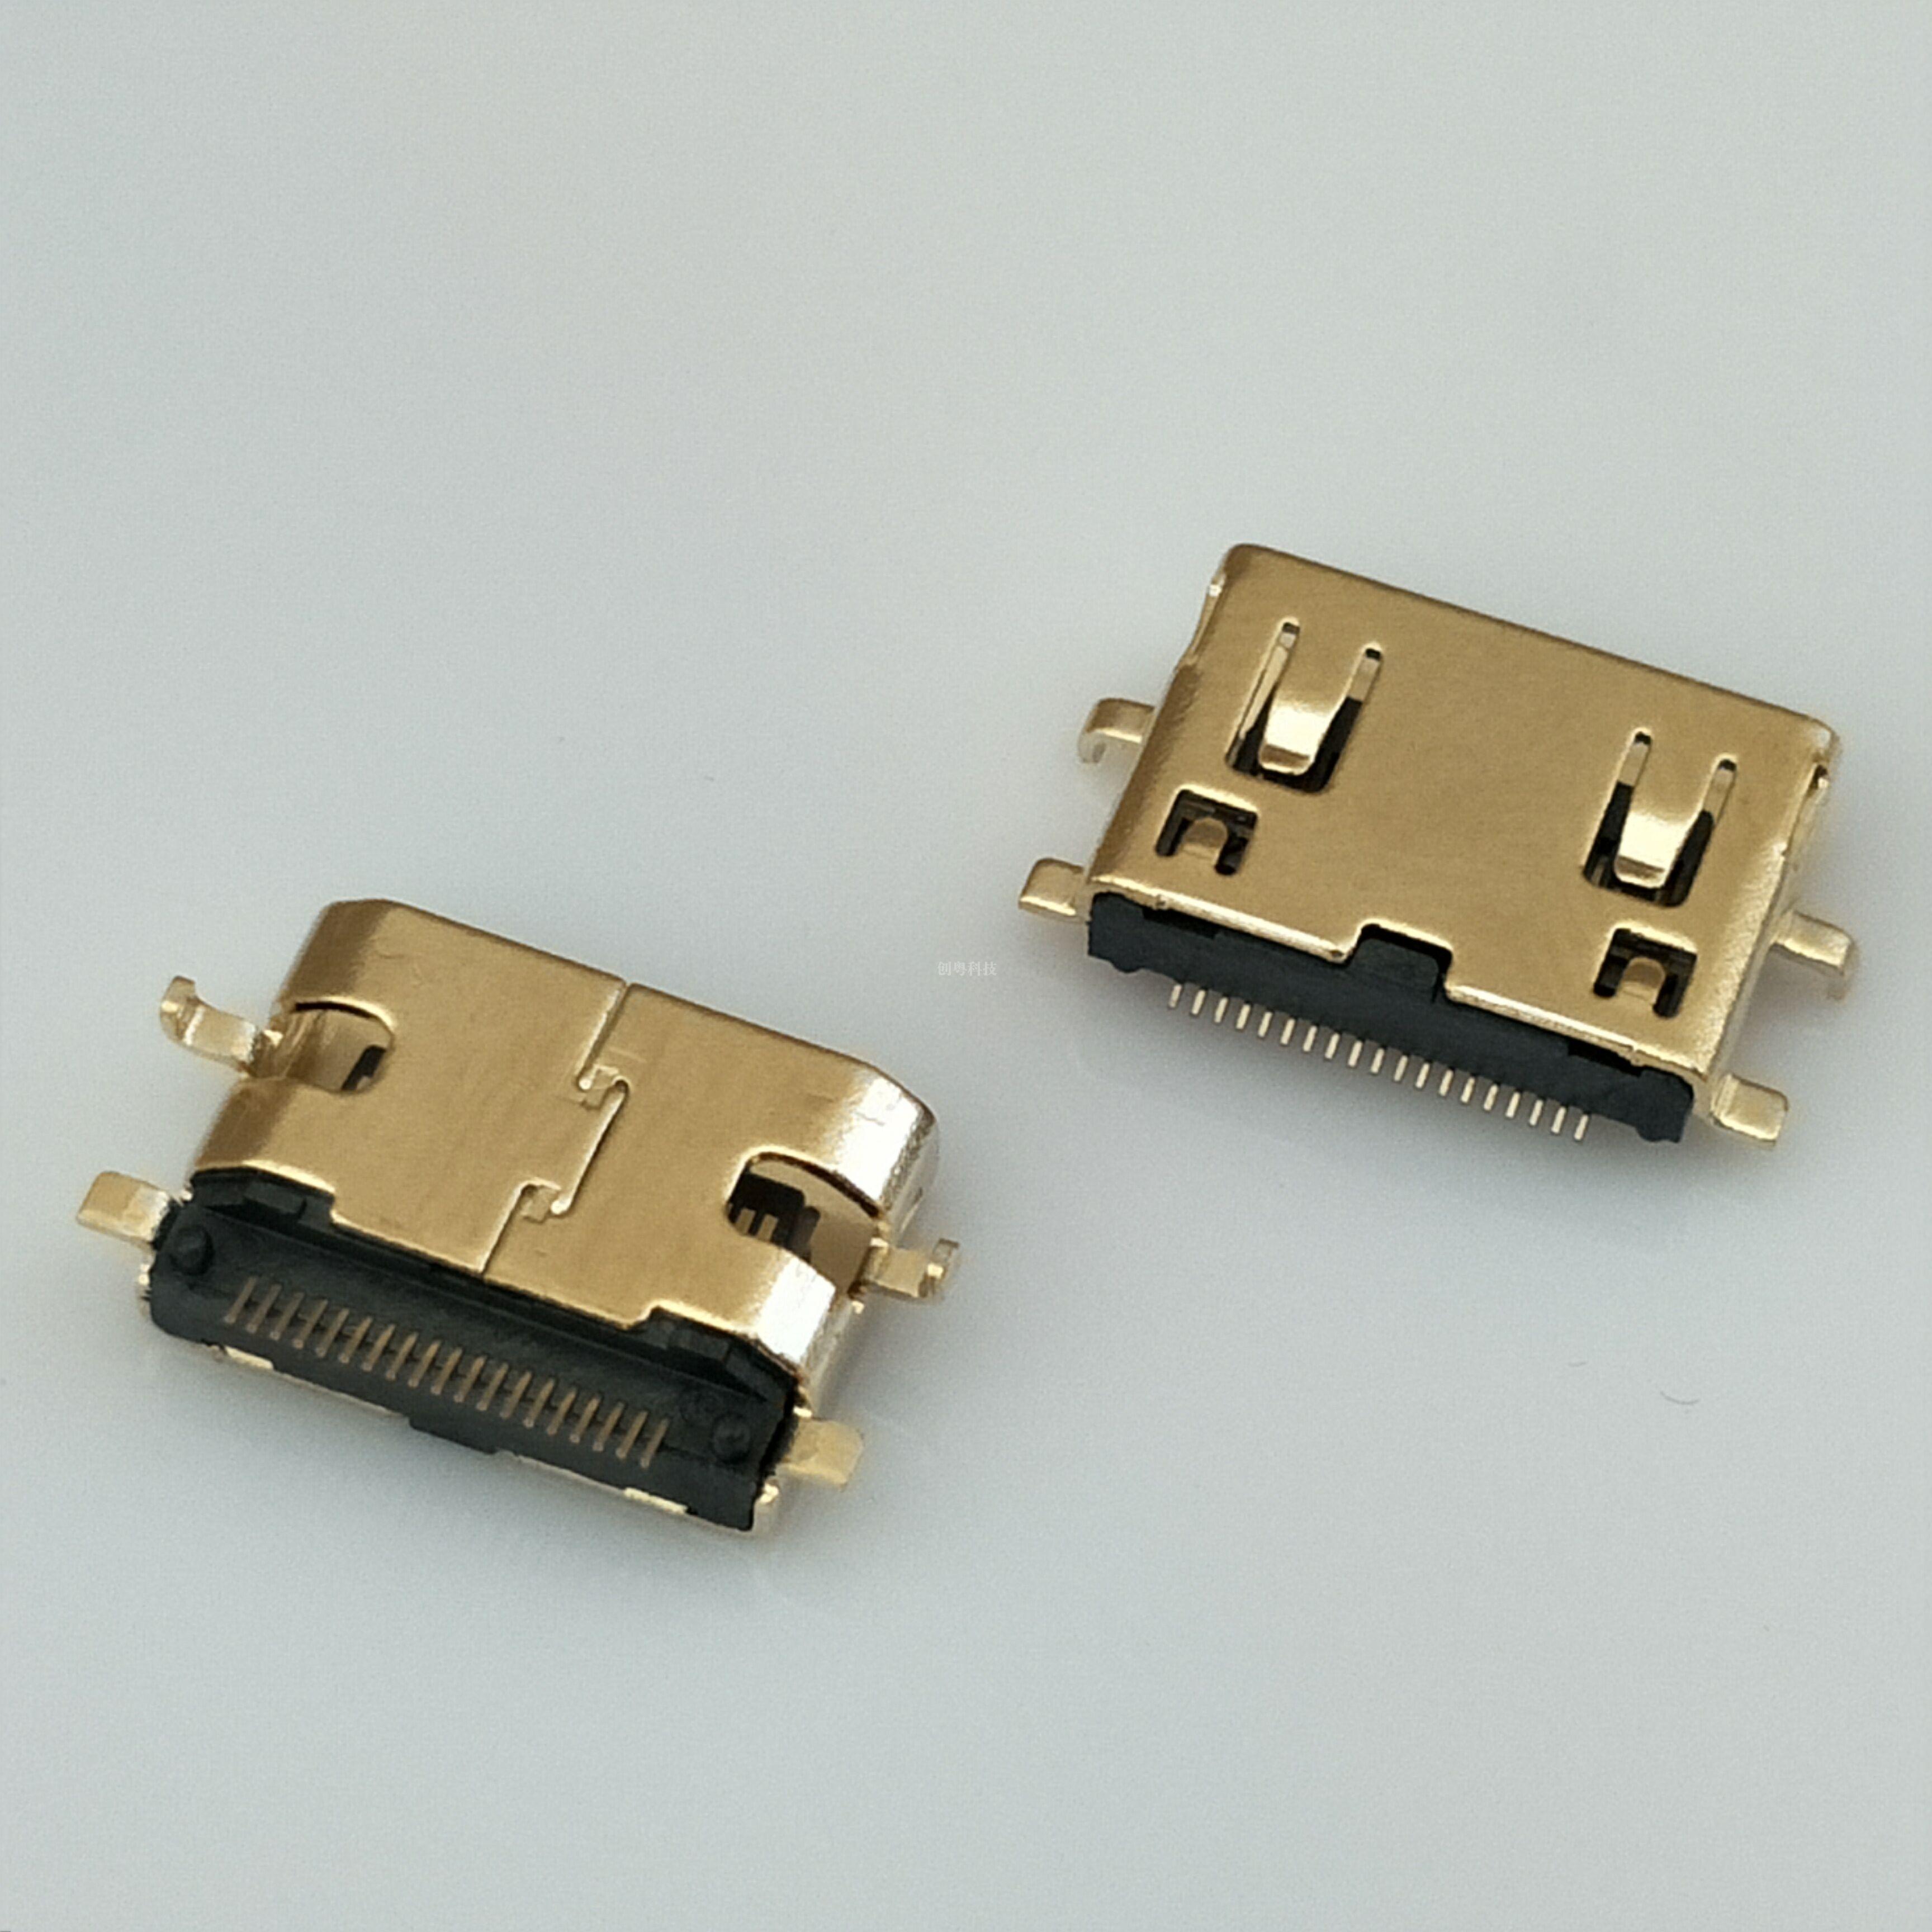 迷你HDMI沉板母座